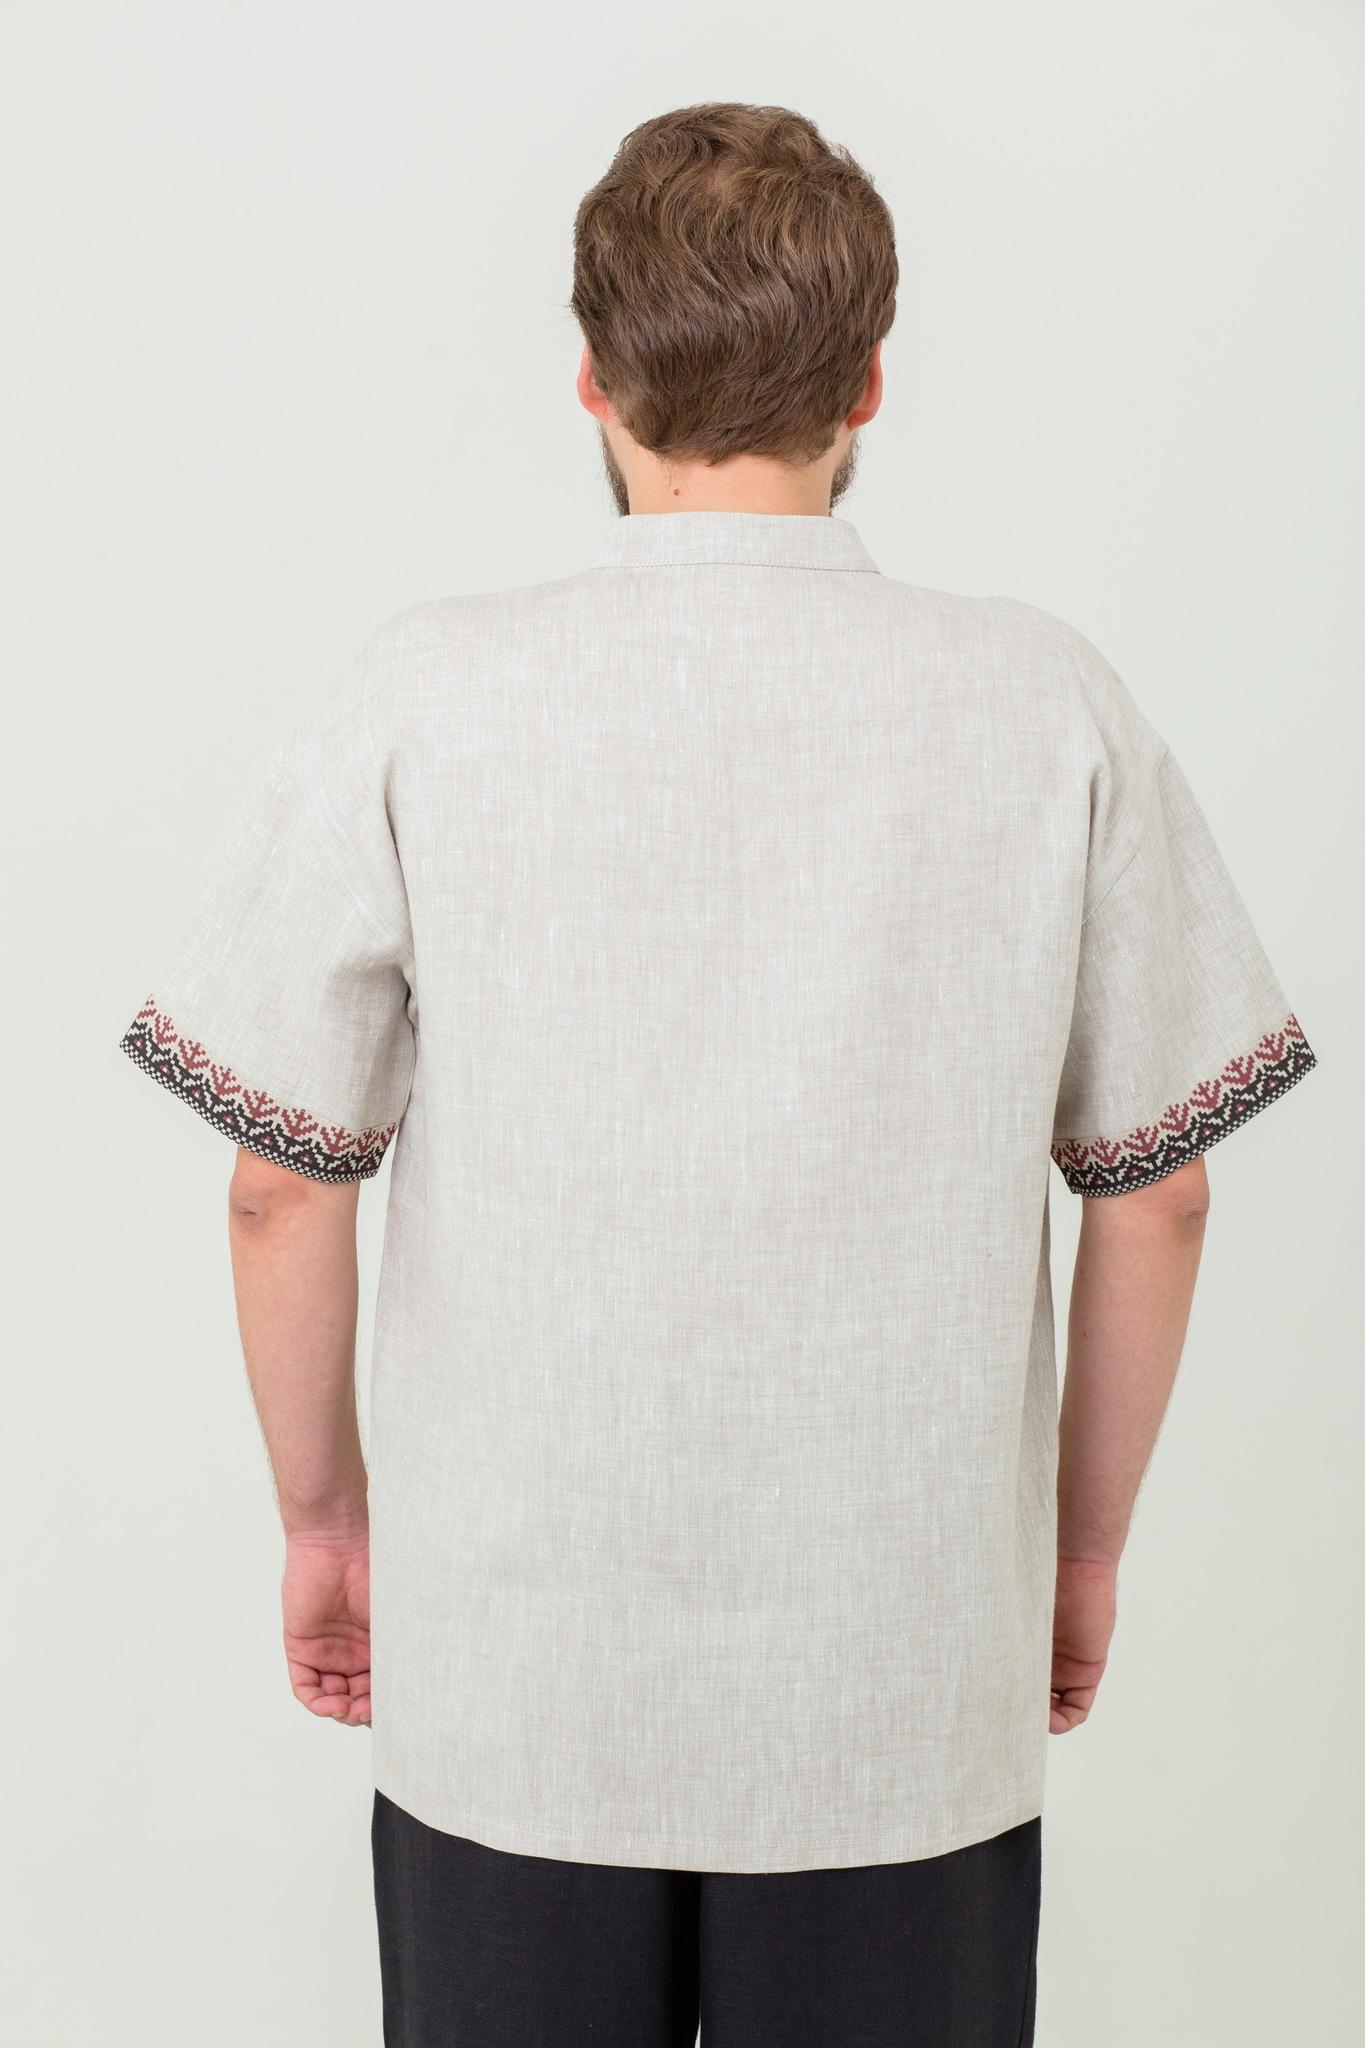 Мужская льняная рубаха Степная славянская